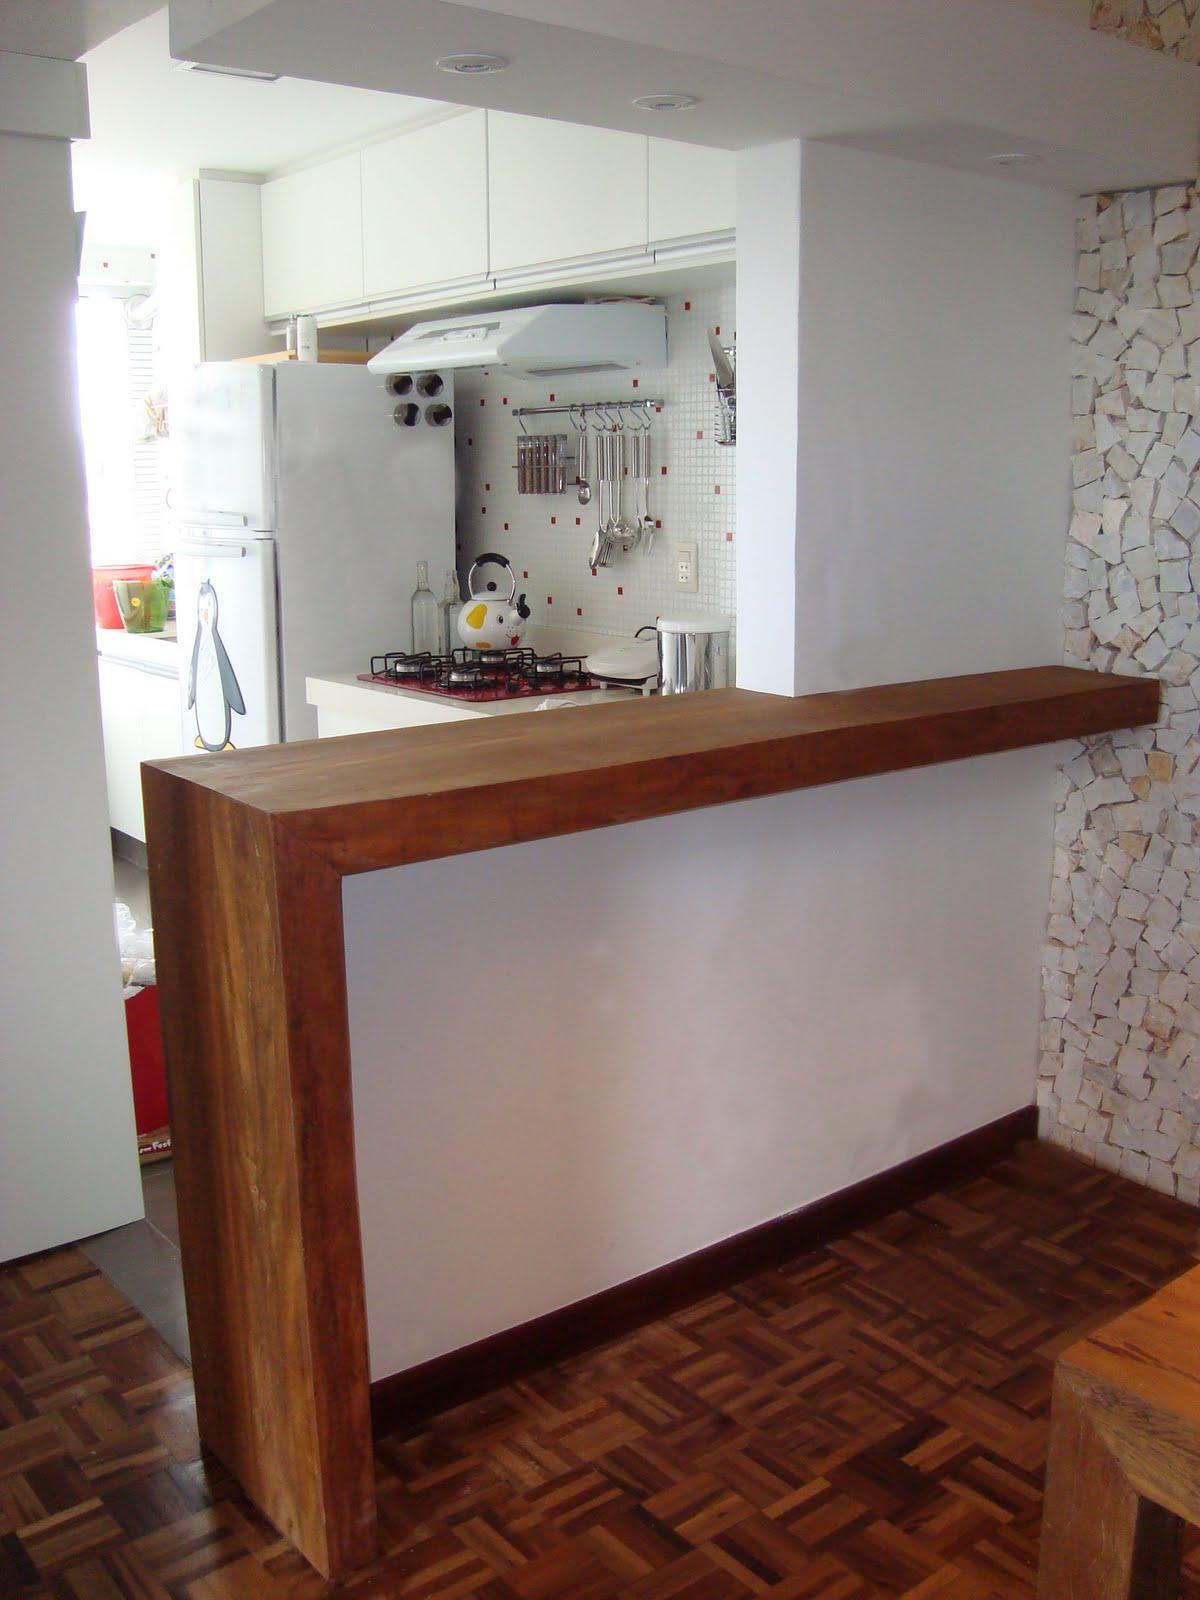 #673620 Madeira Brazil: Mesas e bancadas em madeira maciça e de demolição 1200x1600 px Balcão Para Cozinha Americana De Marmore_2163 Imagens